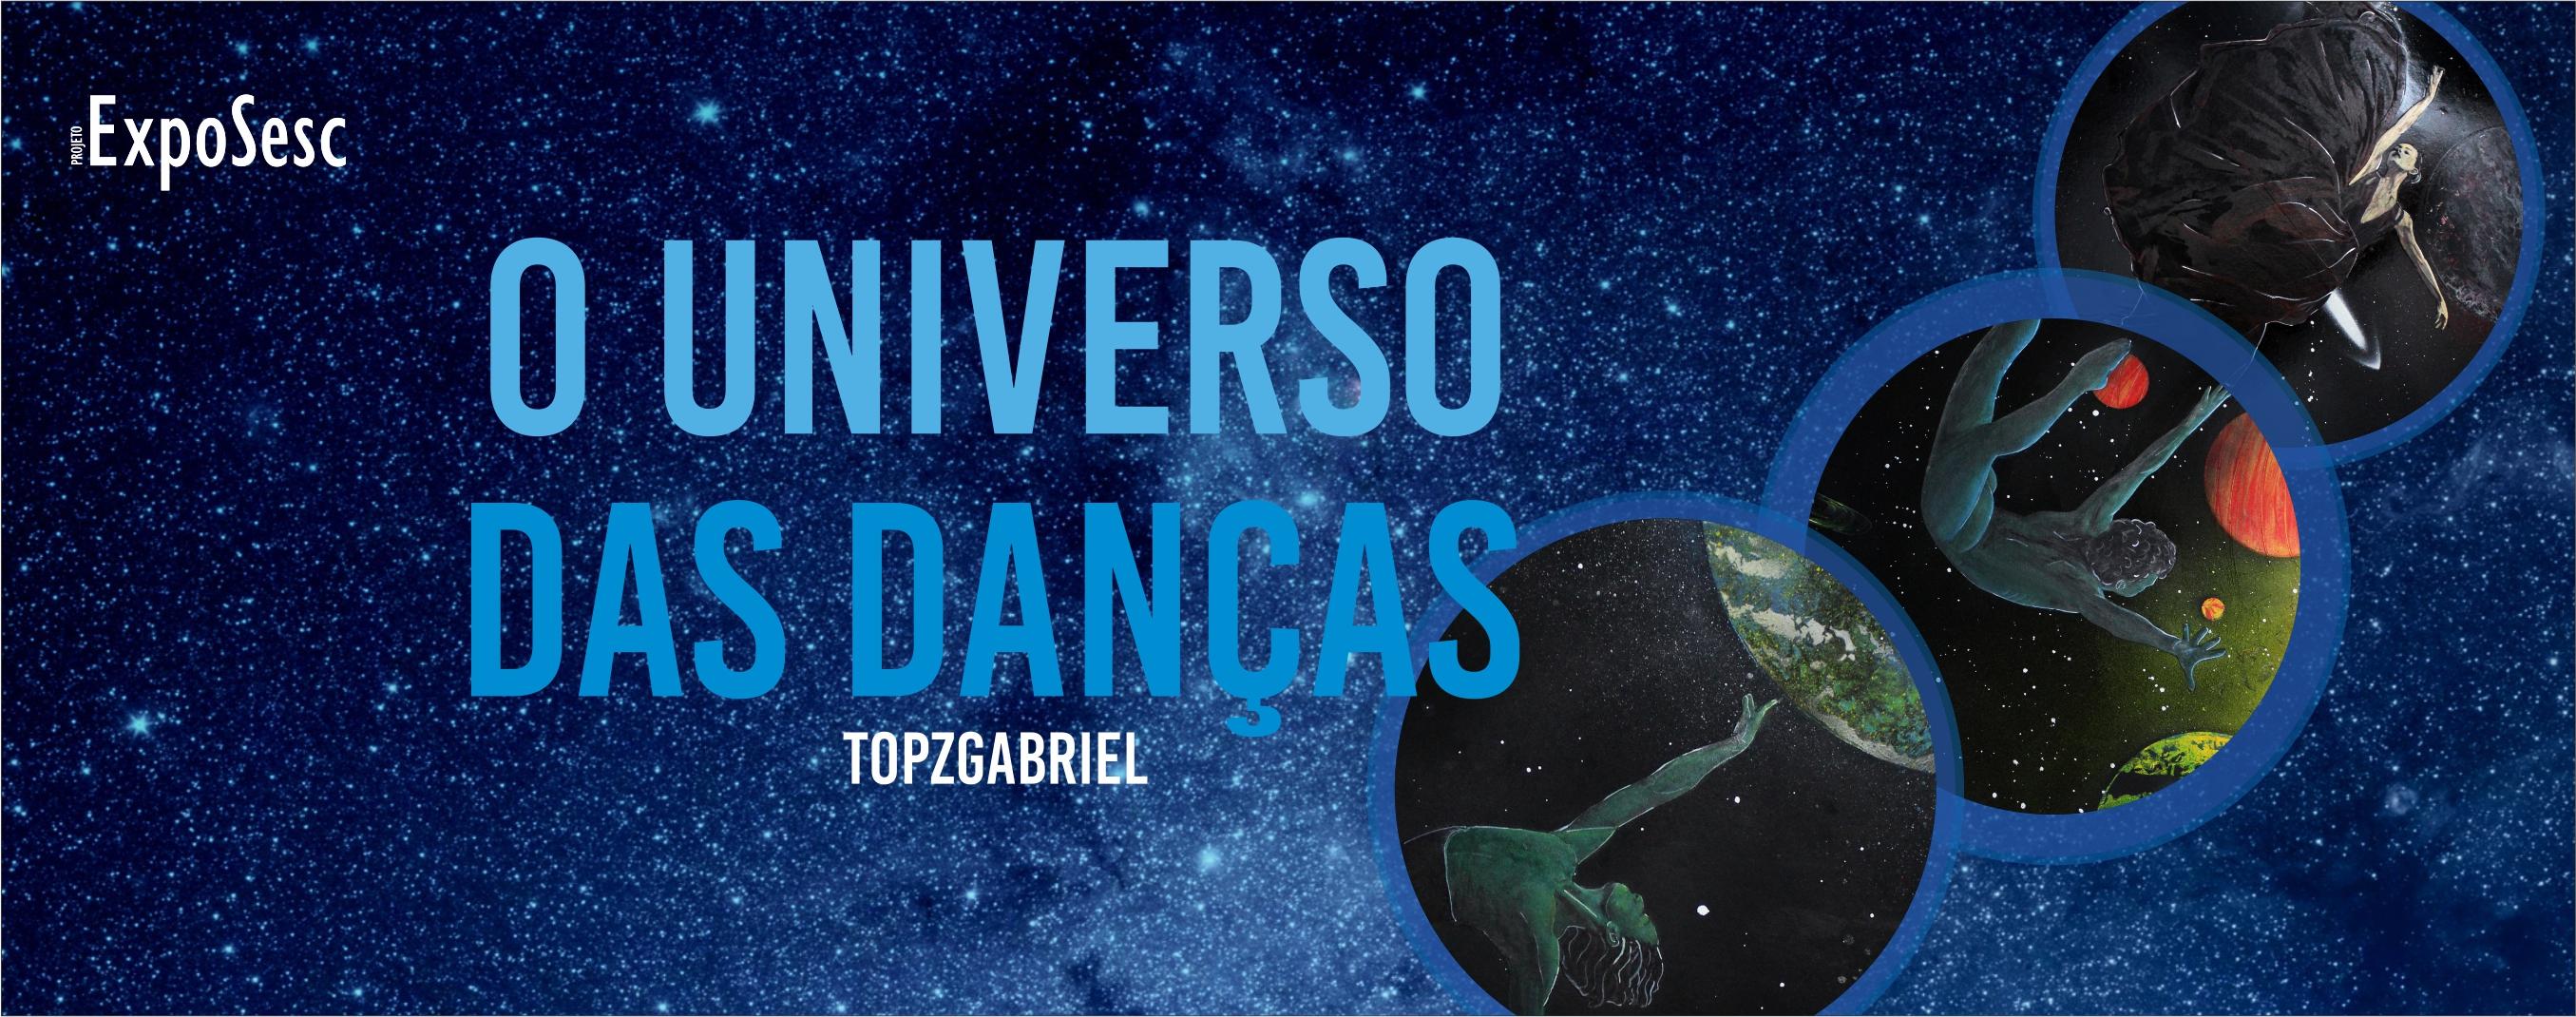 Universo das danças será retratado em exposição no Sesc na capital